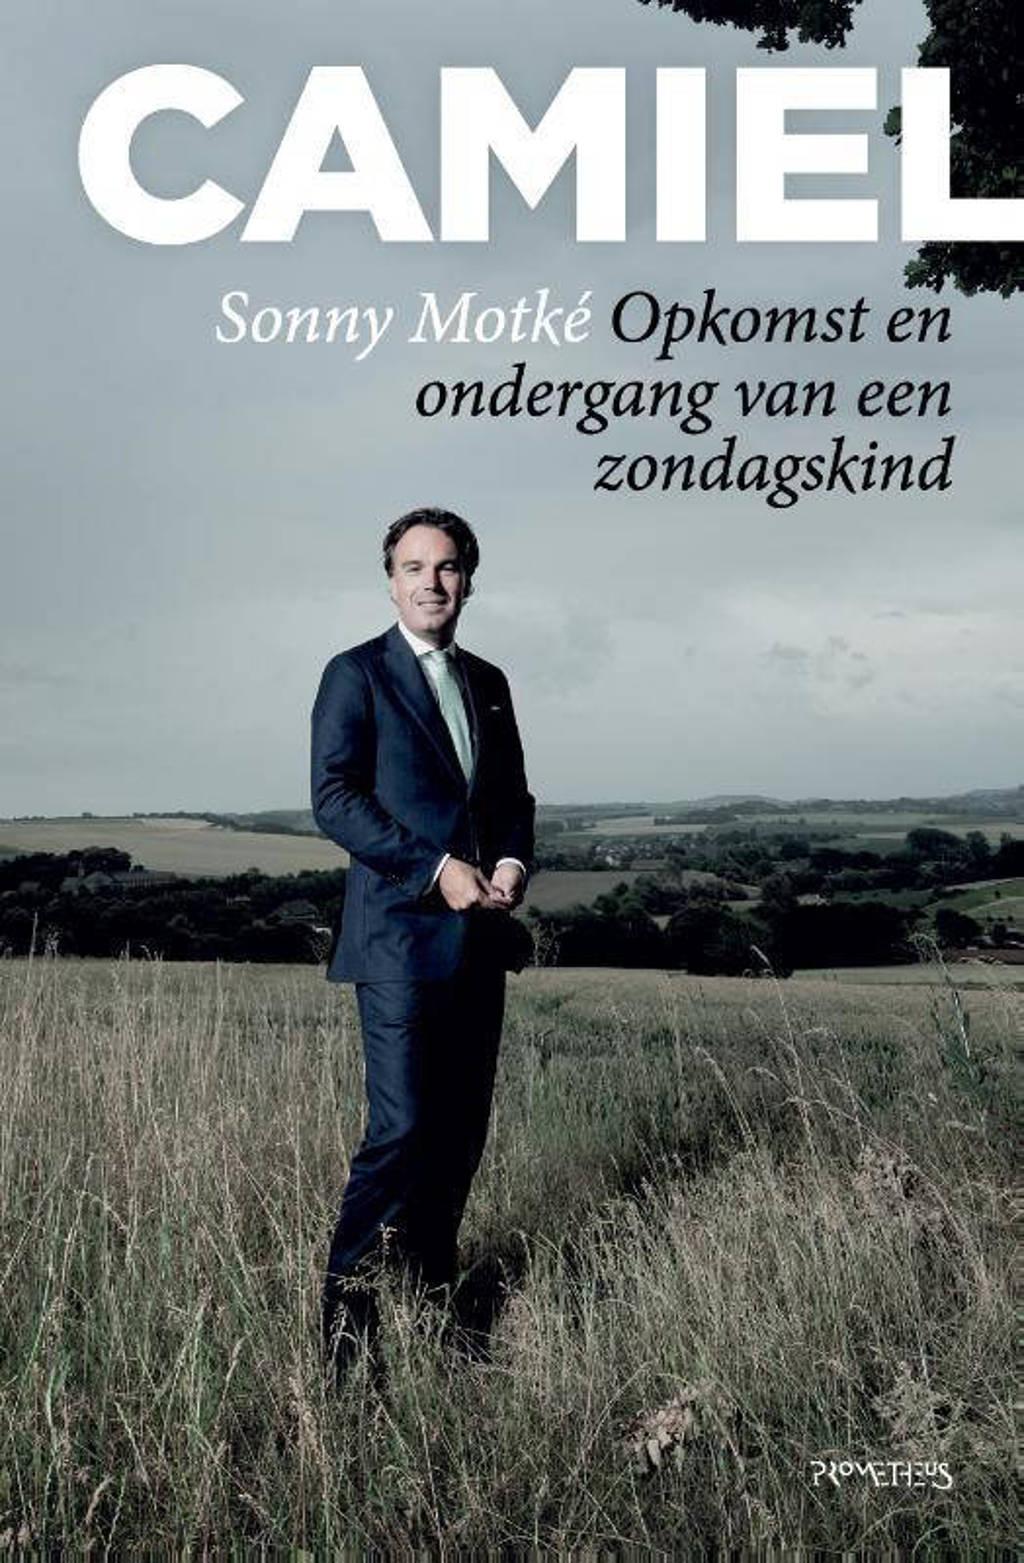 Camiel - Sonny Motké